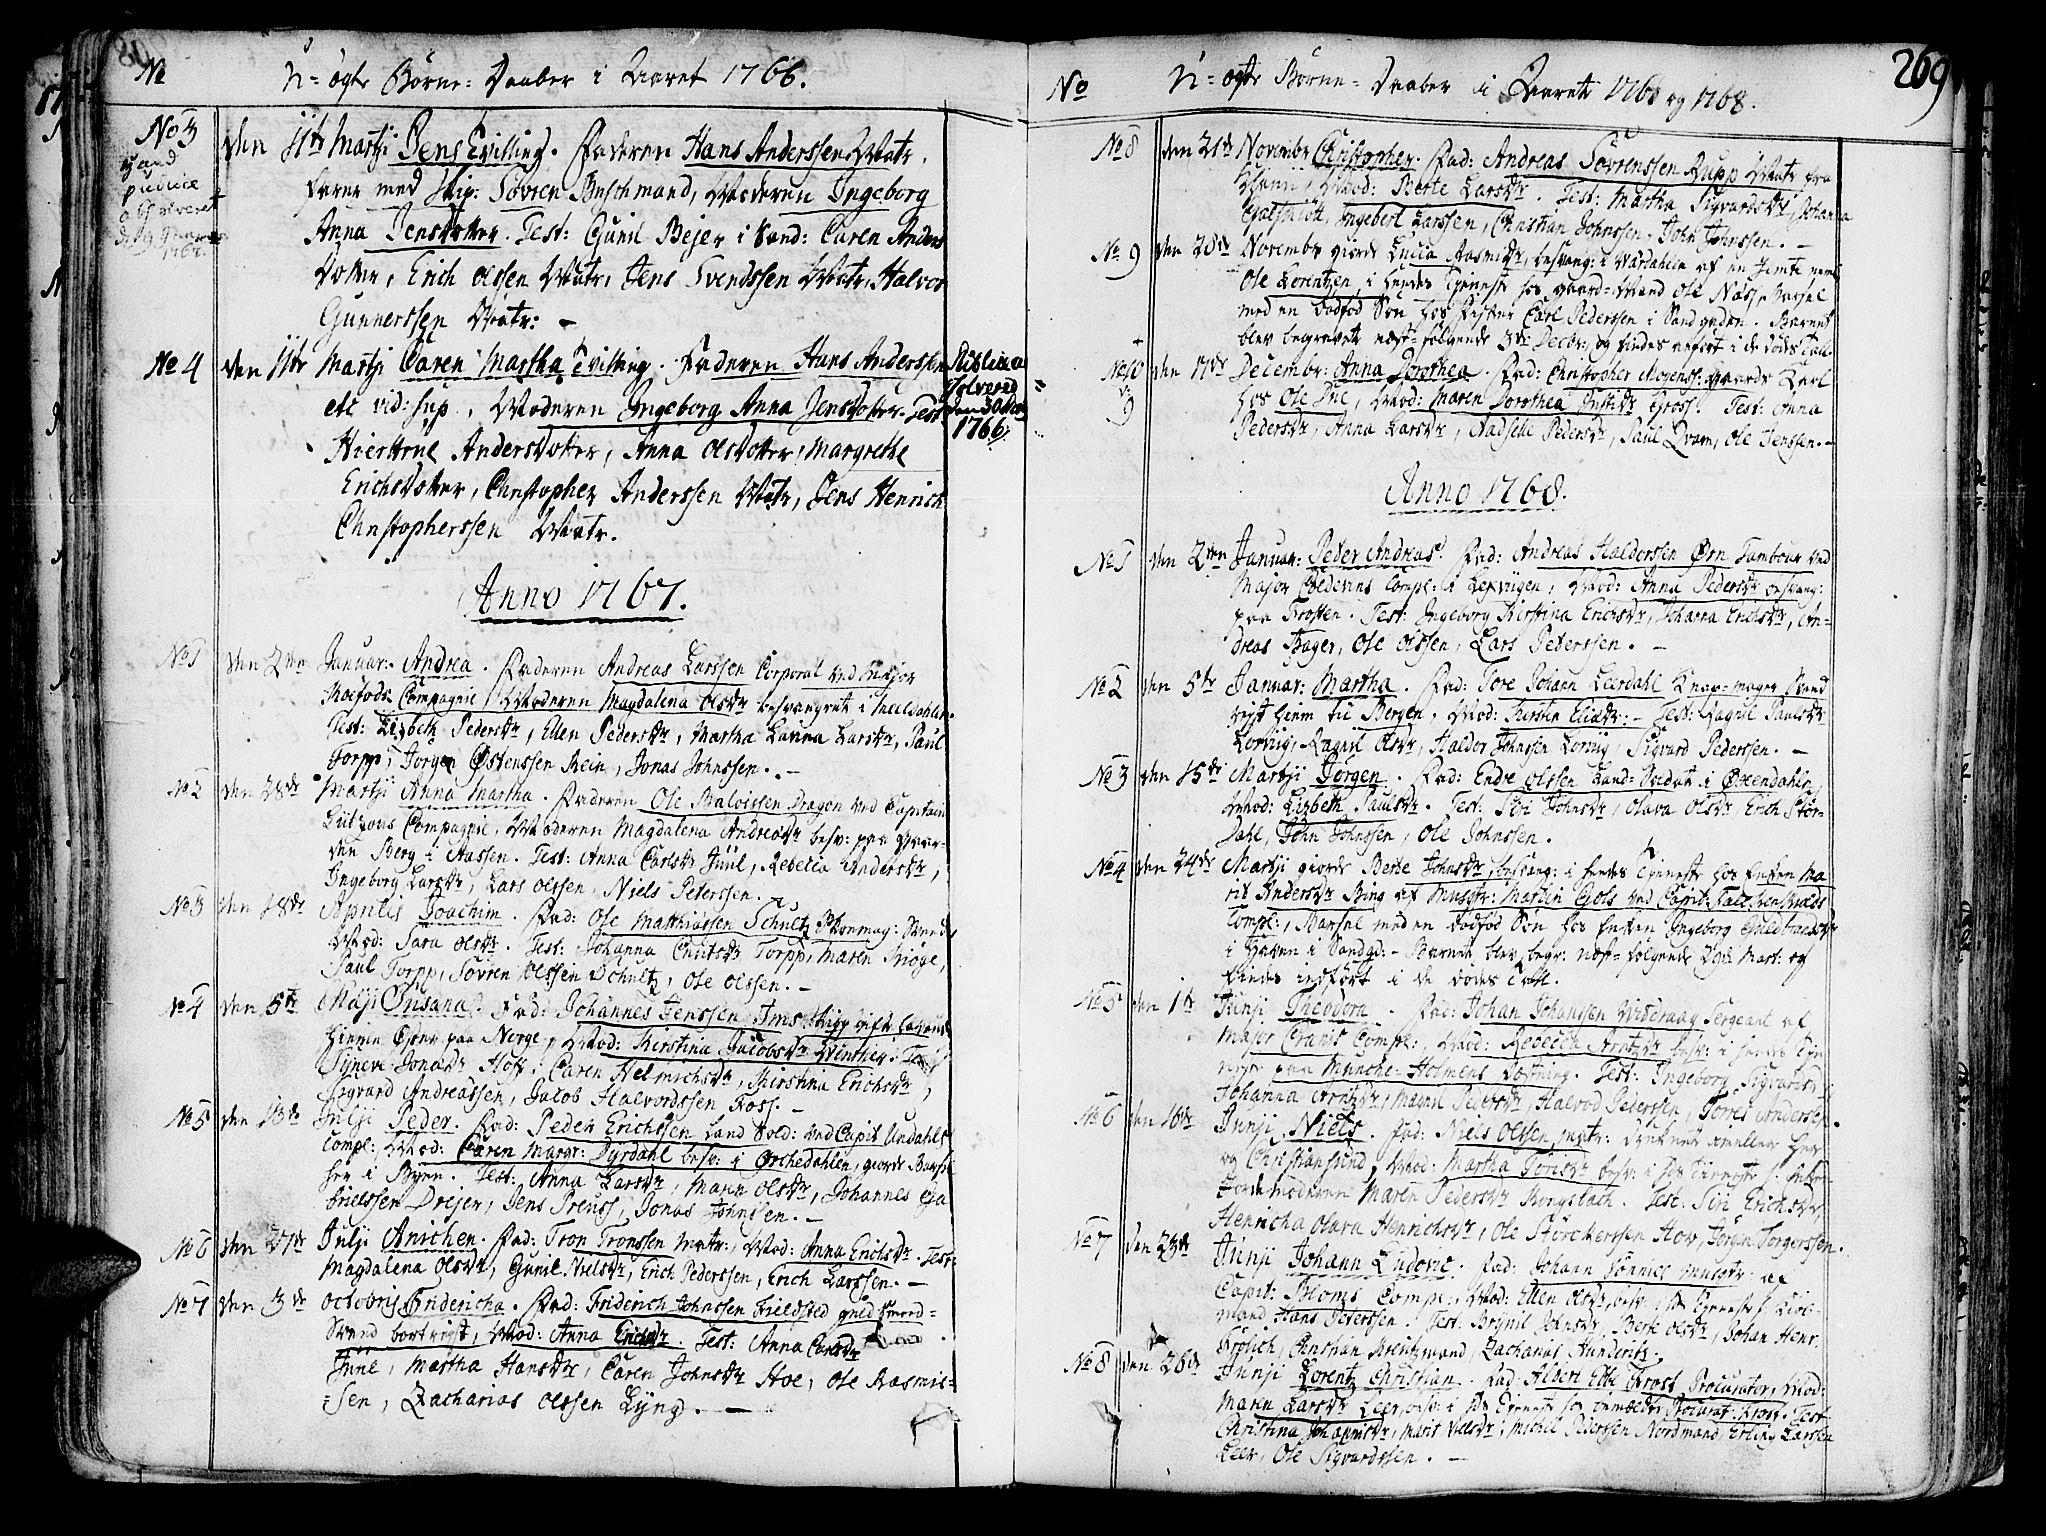 SAT, Ministerialprotokoller, klokkerbøker og fødselsregistre - Sør-Trøndelag, 602/L0103: Ministerialbok nr. 602A01, 1732-1774, s. 269